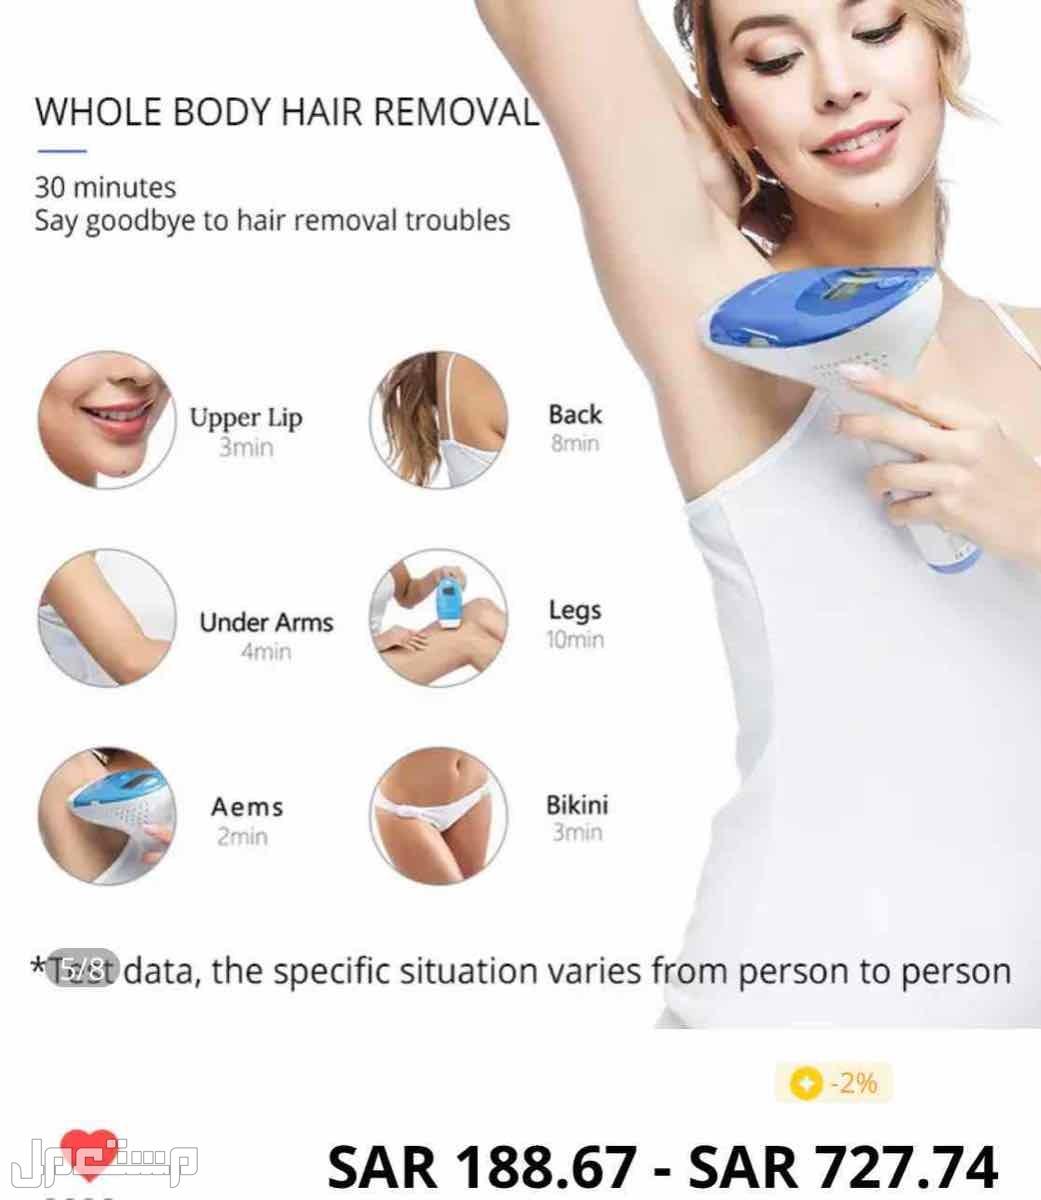 جهاز ليزر Mlay  لإزالة شعر الجسم والوجه